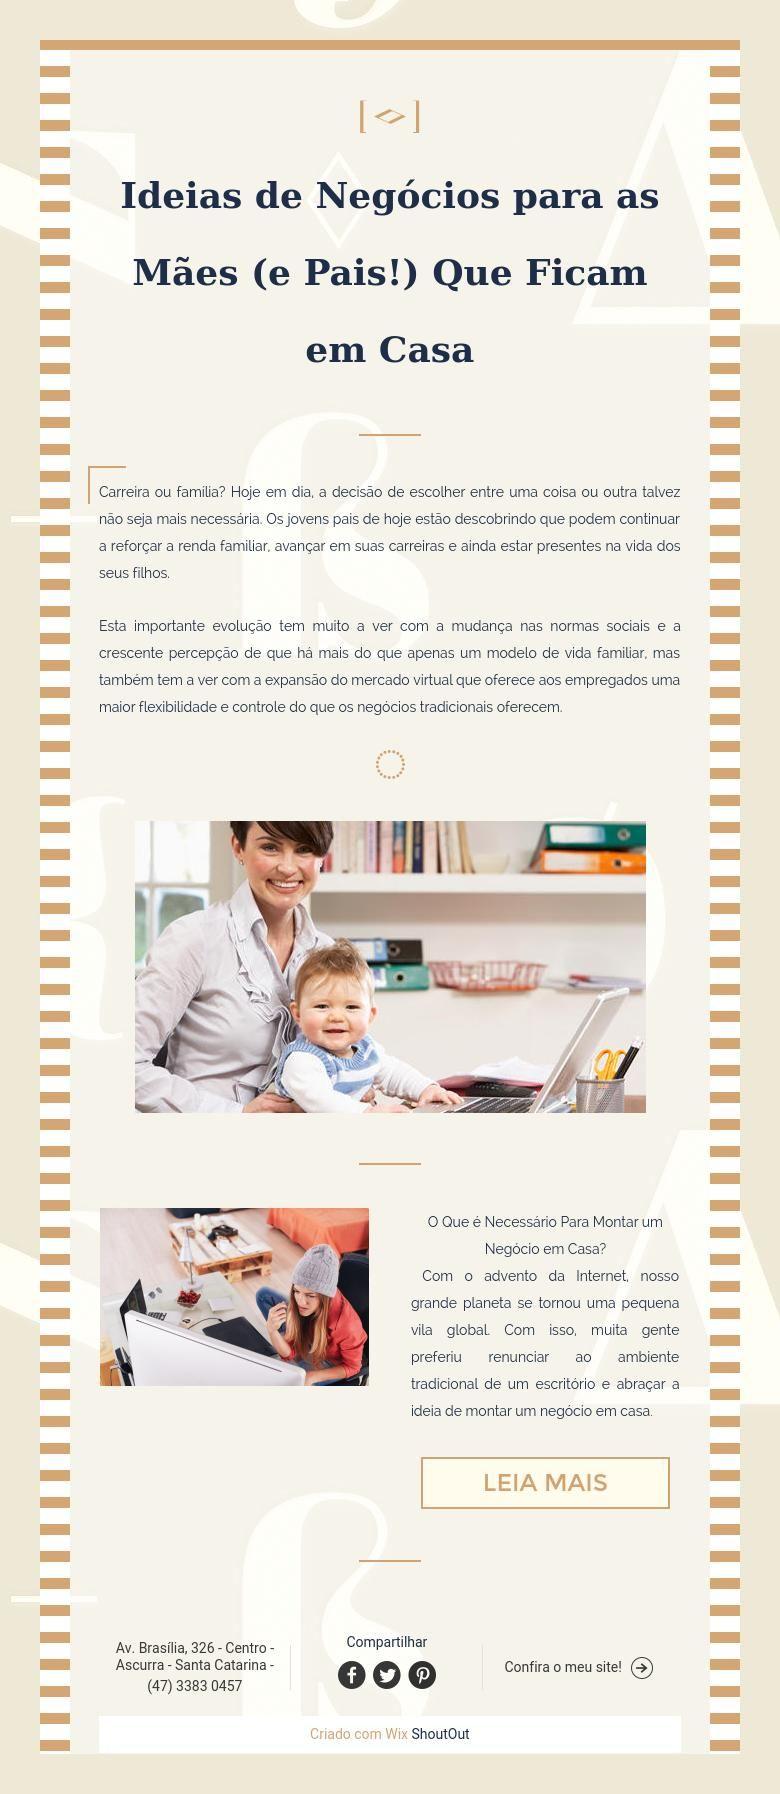 Ideias de Negócios para as Mães (ePais!) Que Ficam em Casa